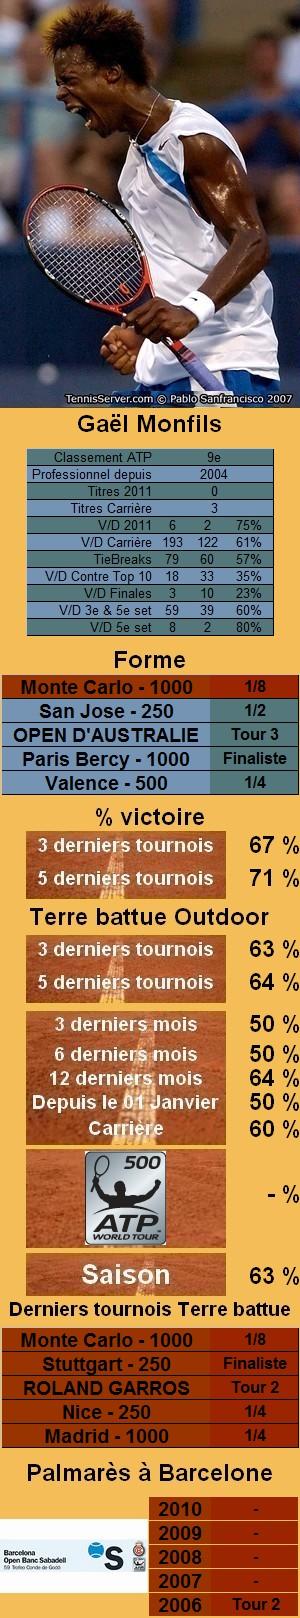 Les statistiques tennis de Gael Monfils pour le tournoi de Barcelone